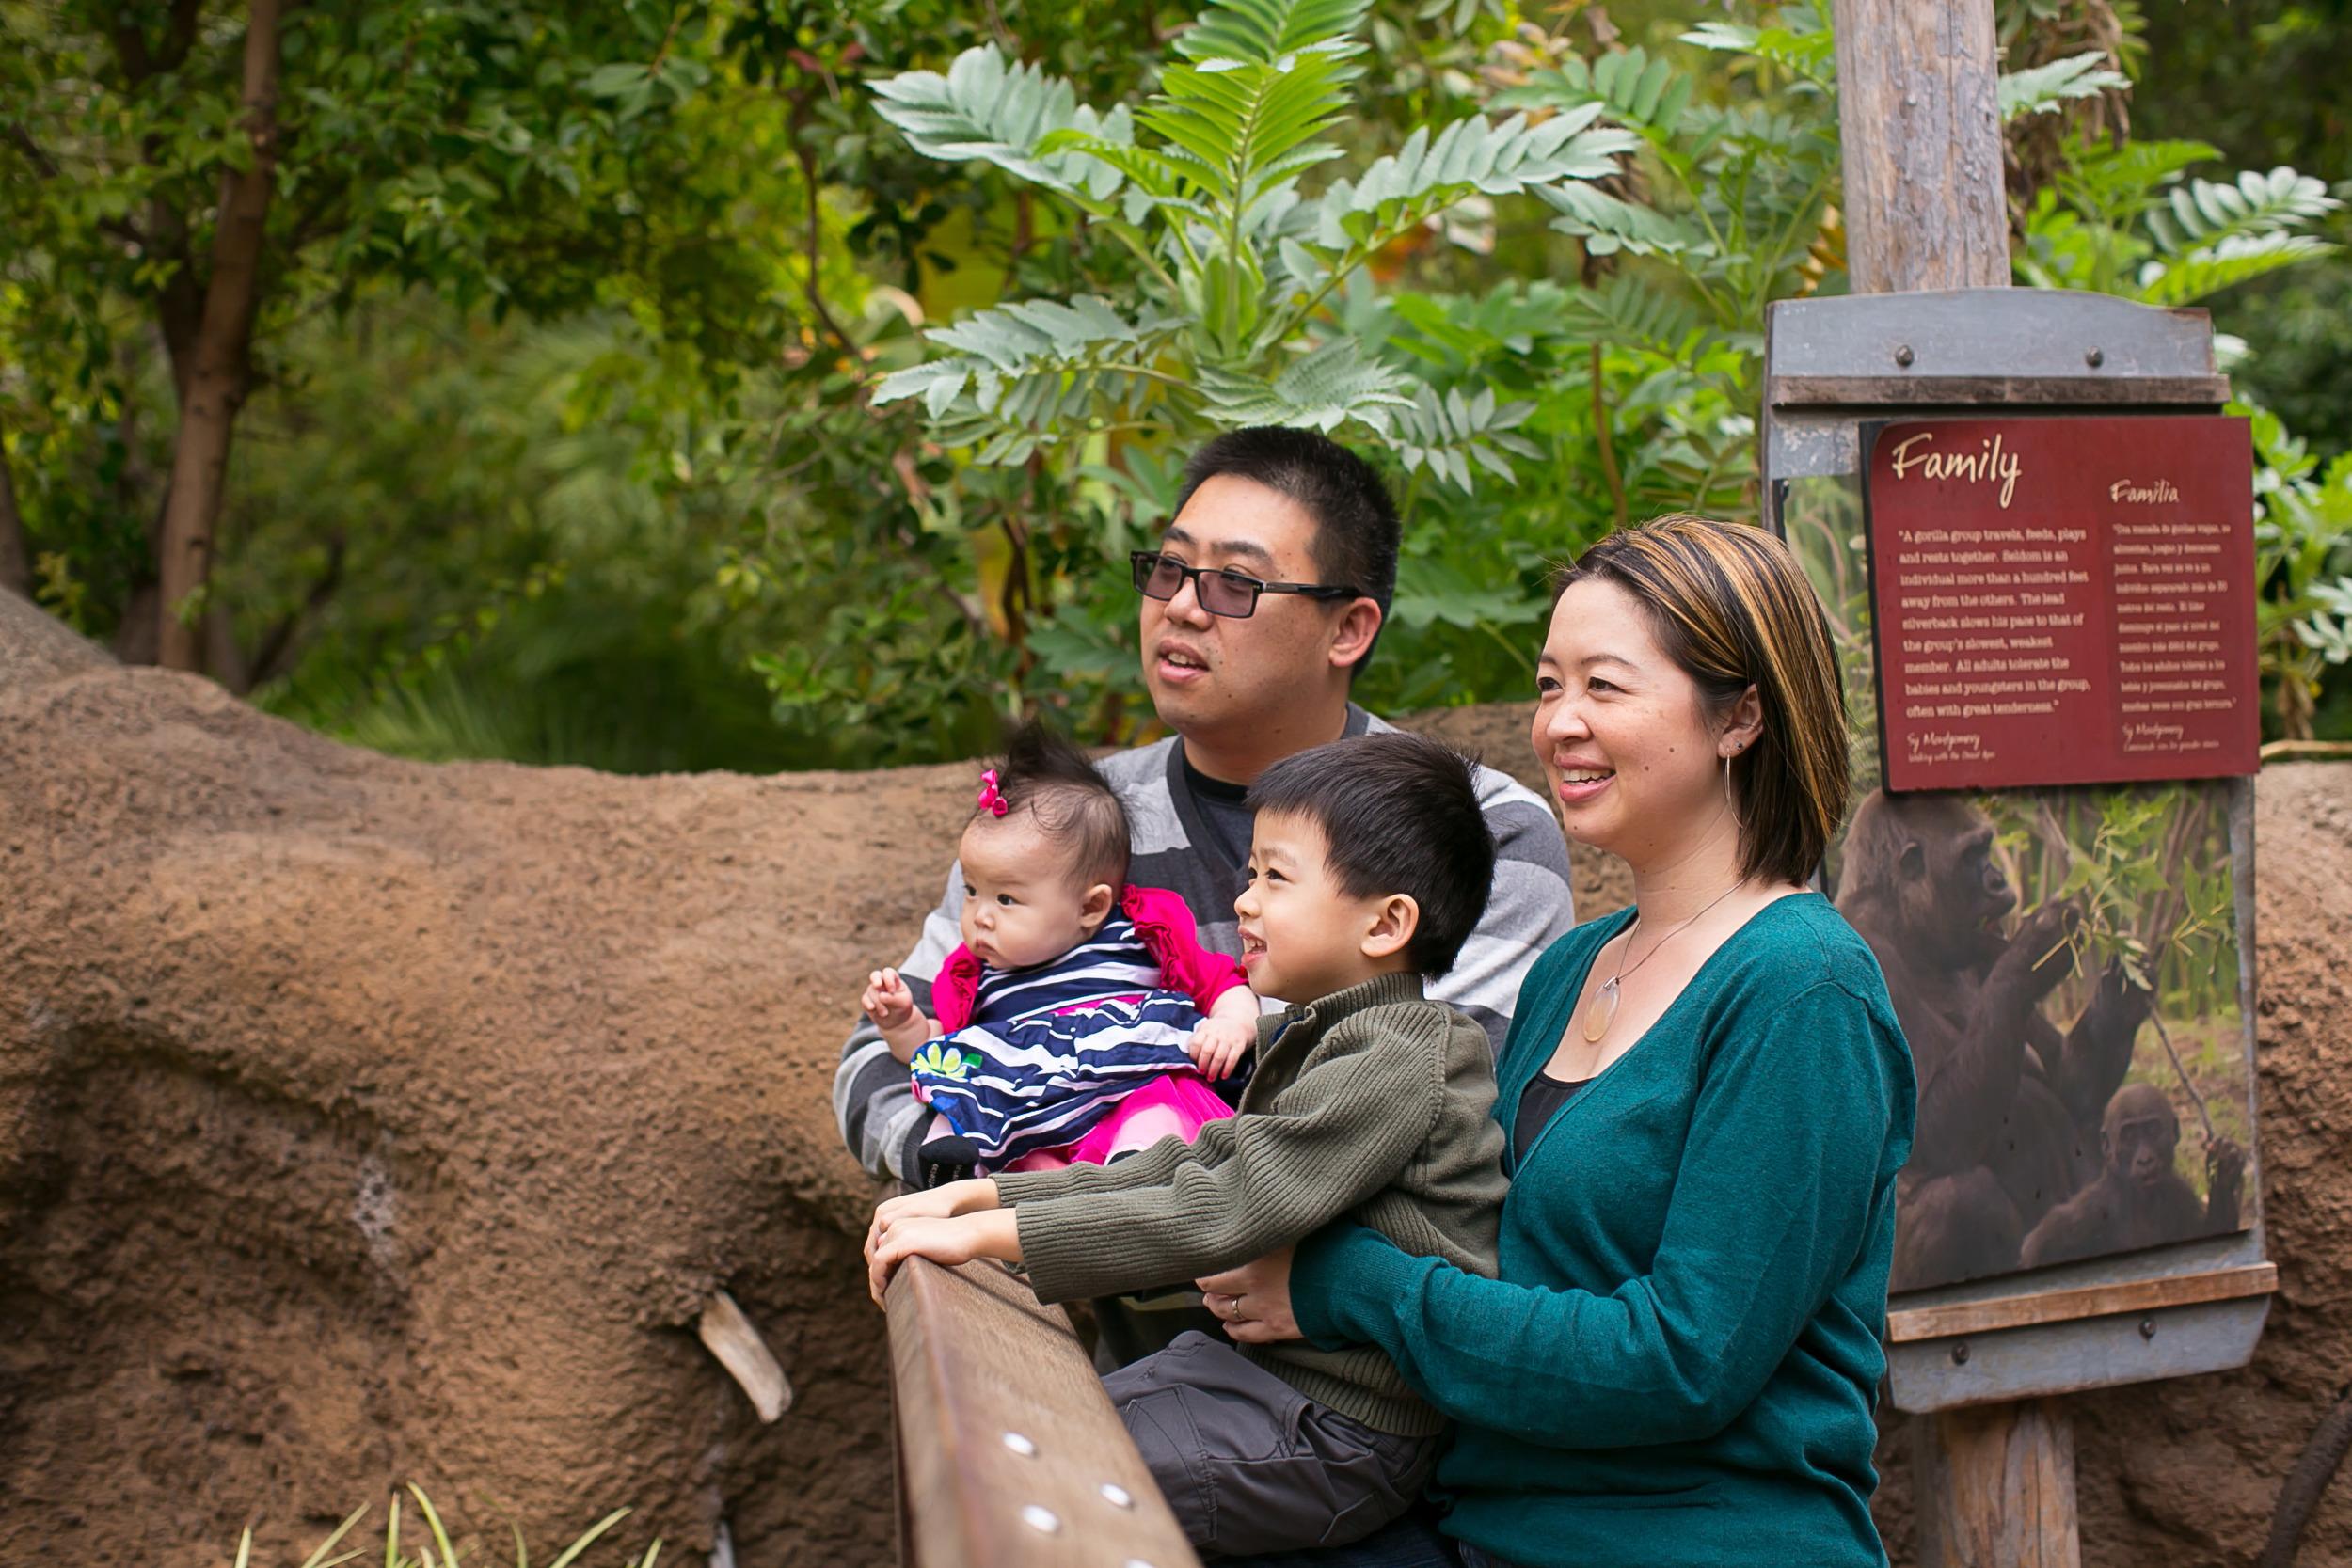 Los Angeles Zoo // Los Angeles, Ca.